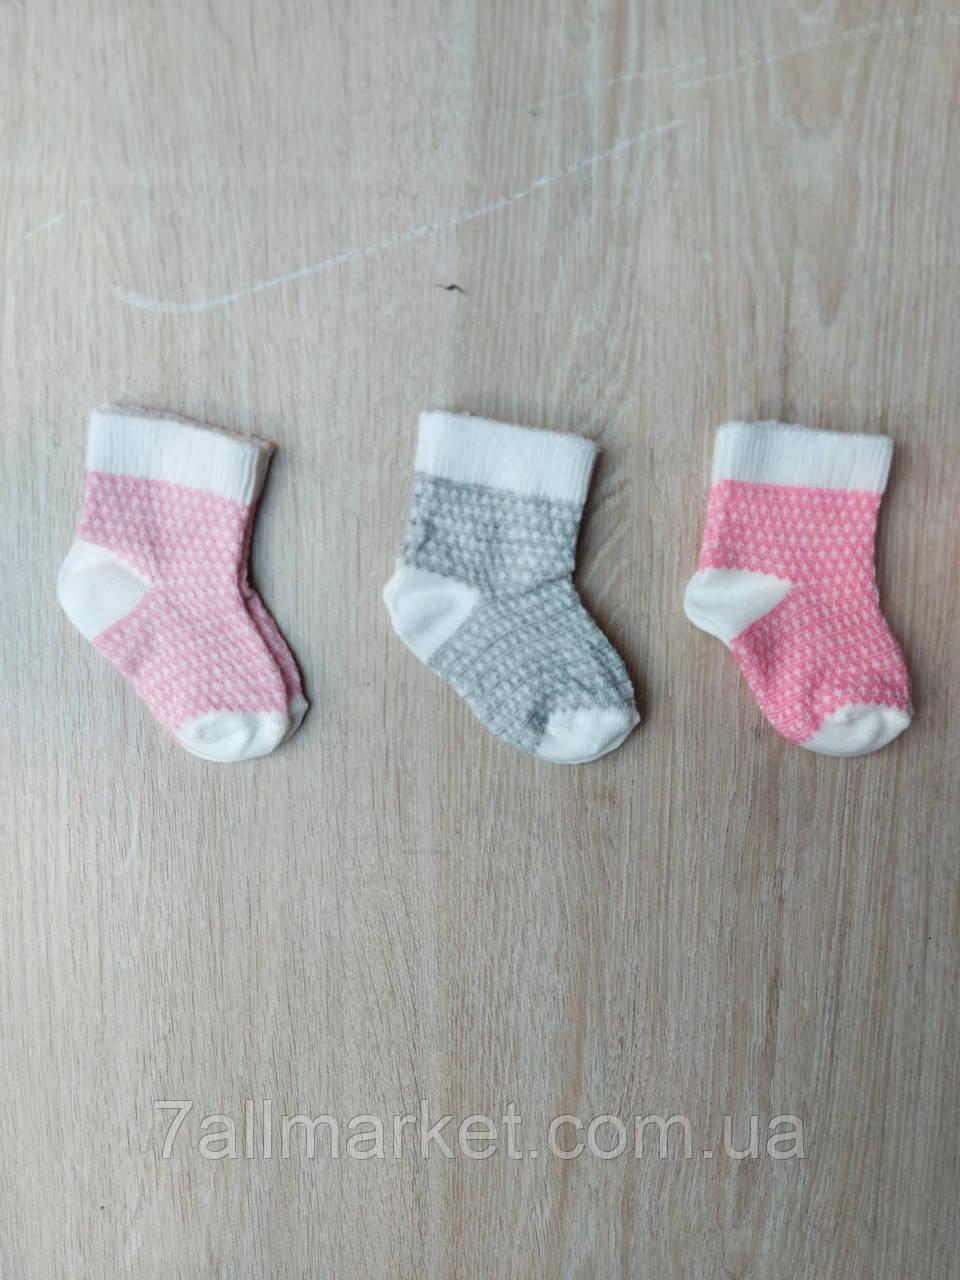 """Носки детские  на девочку размер 0 (3 шт/уп) (3 цв)""""MARI"""" купить недорого от прямого поставщика"""